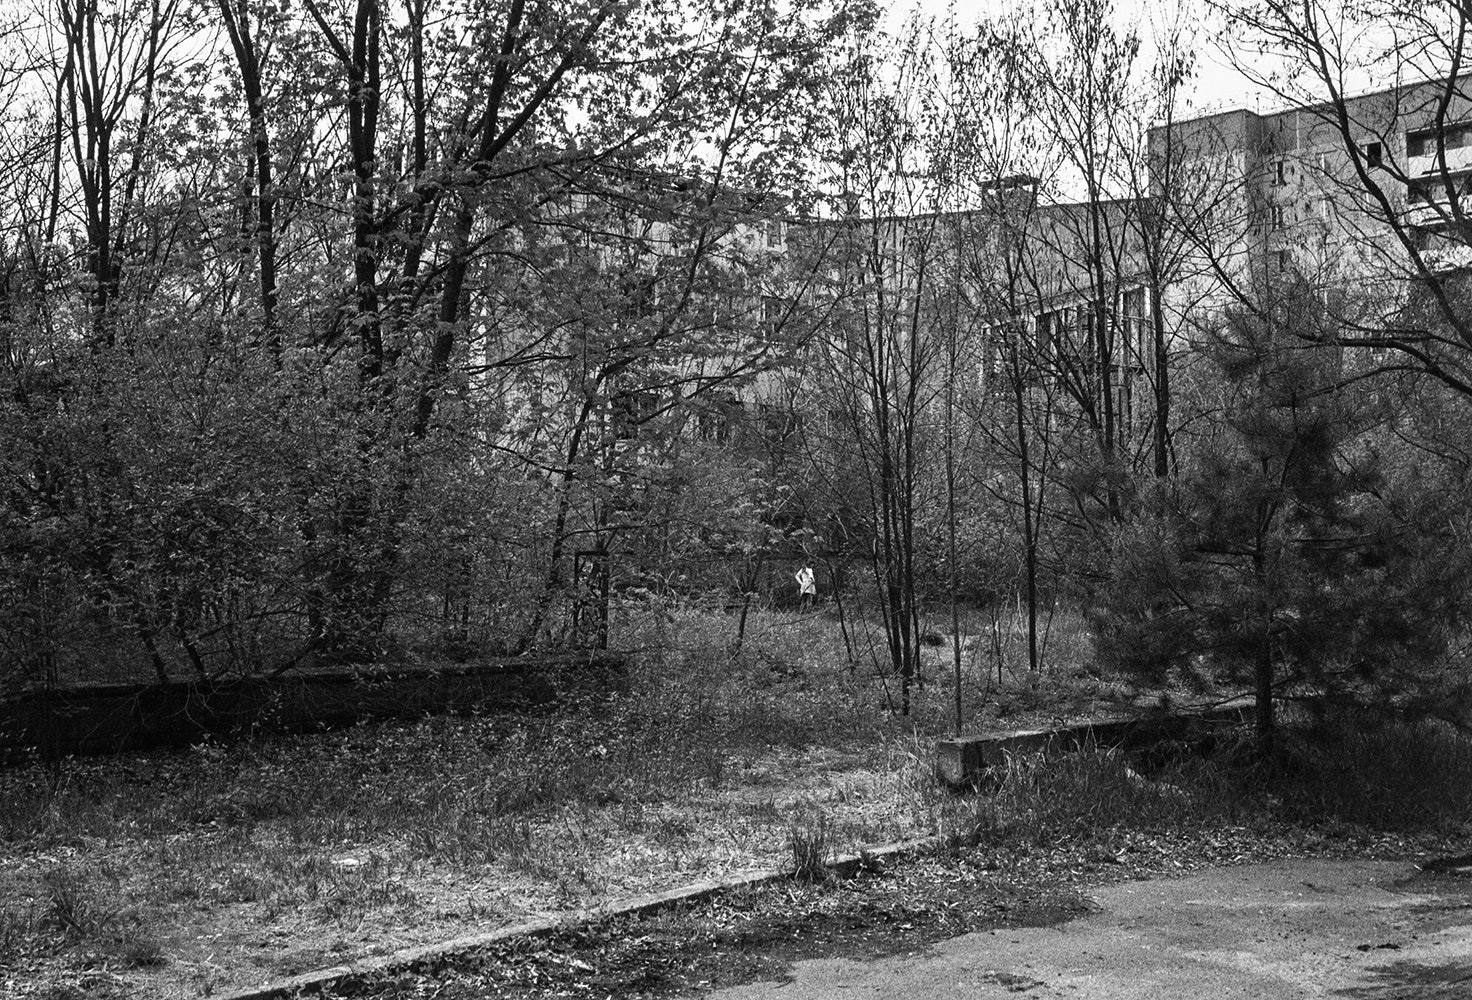 Lomakin-Pripyat_02